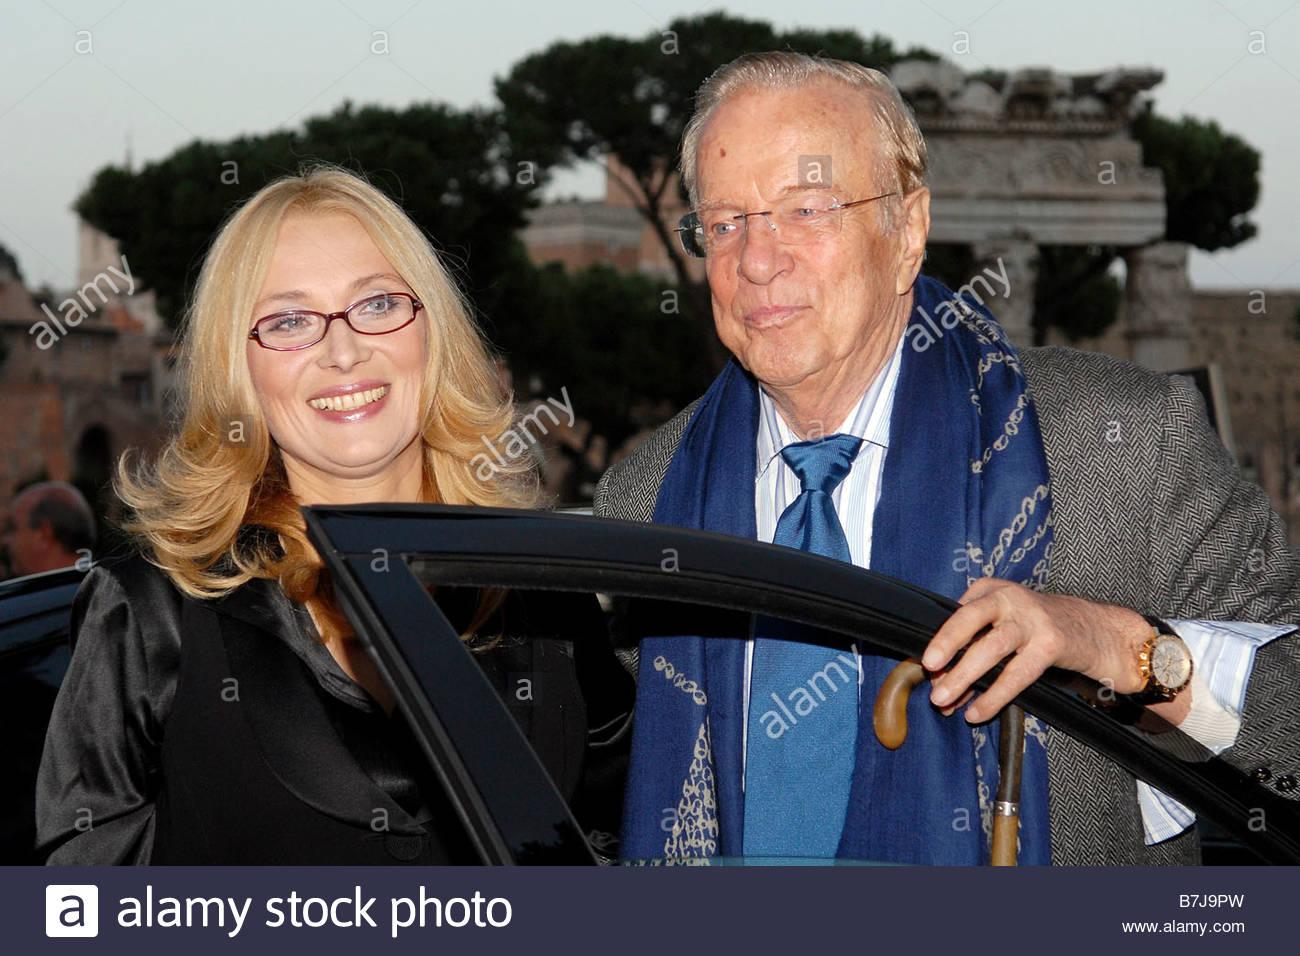 Nicoletta mantovani and franco zeffirelli roma 16 10 2008 for Luciano pavarotti nicoletta mantovani